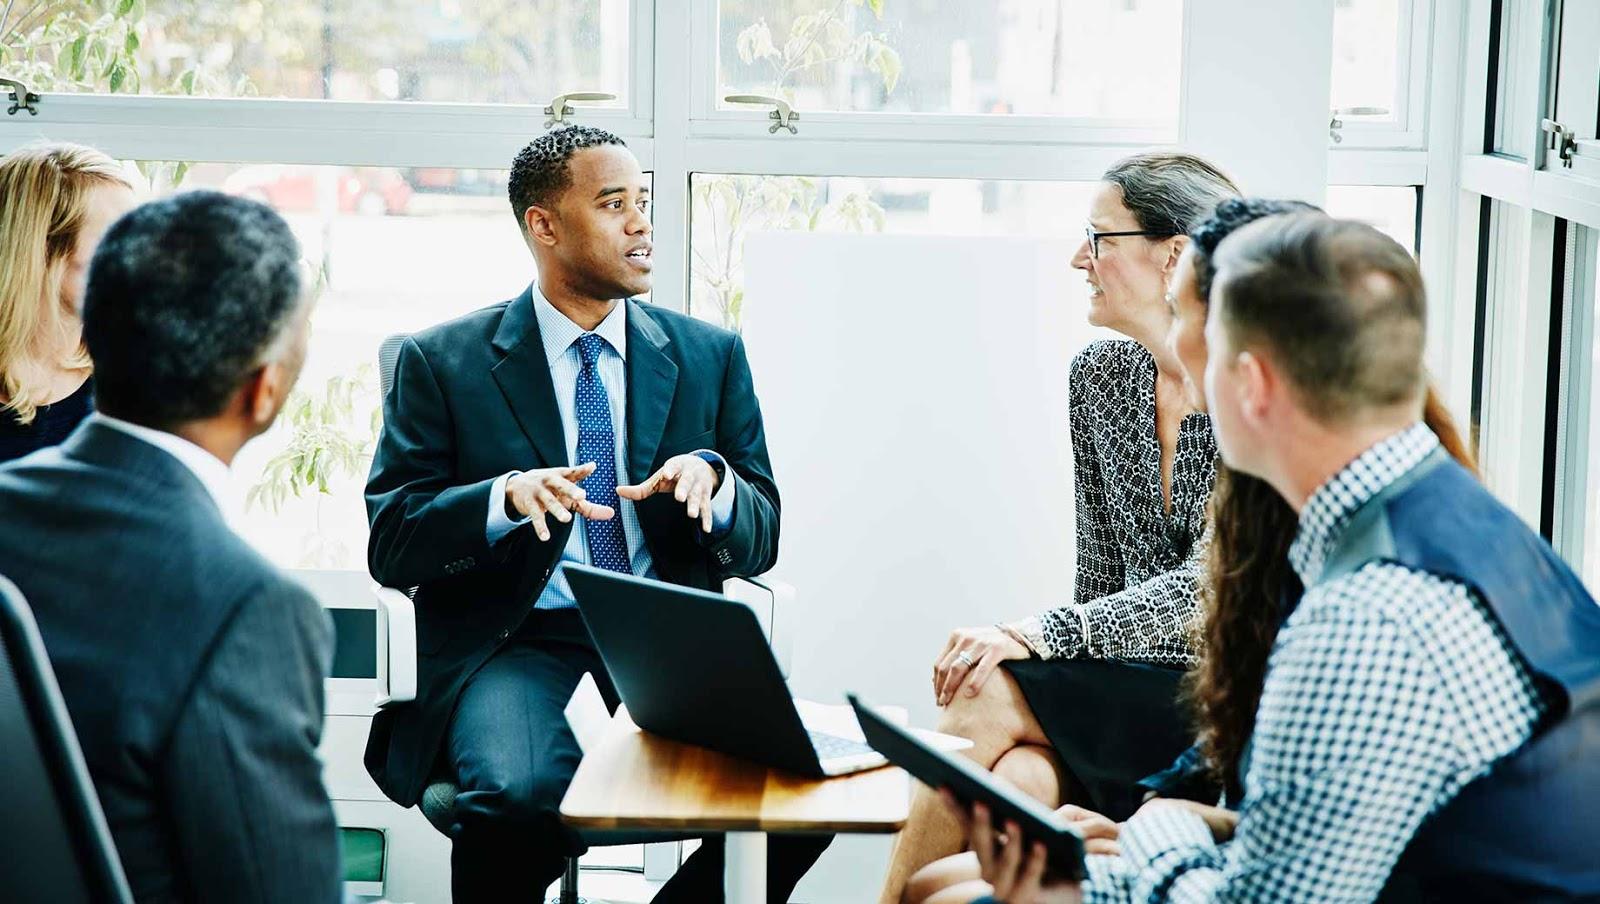 Pengertian Kepemimpinan Adalah : Tipe, Sifat, Tujuan, Fungsi, & Karakter  (Menurut Ahli)